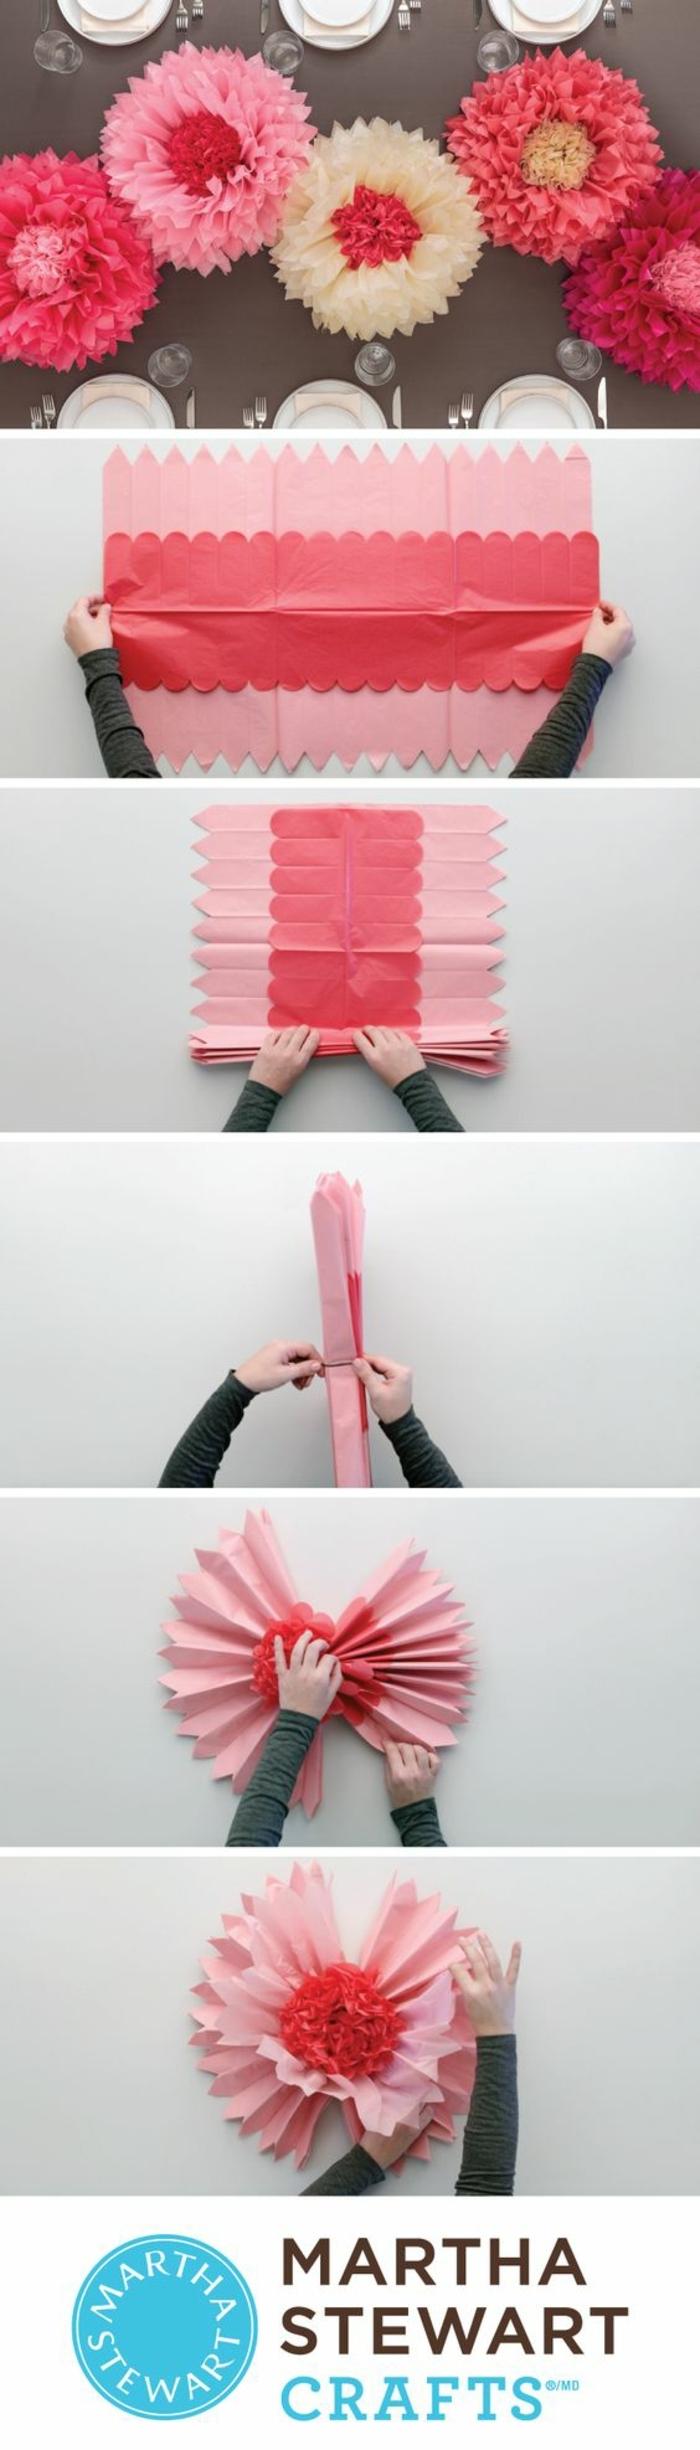 schöne idee für diy deko für 18 geburtstag, vile papierblumen in rosa farbe, pinke dekorationen selber machen